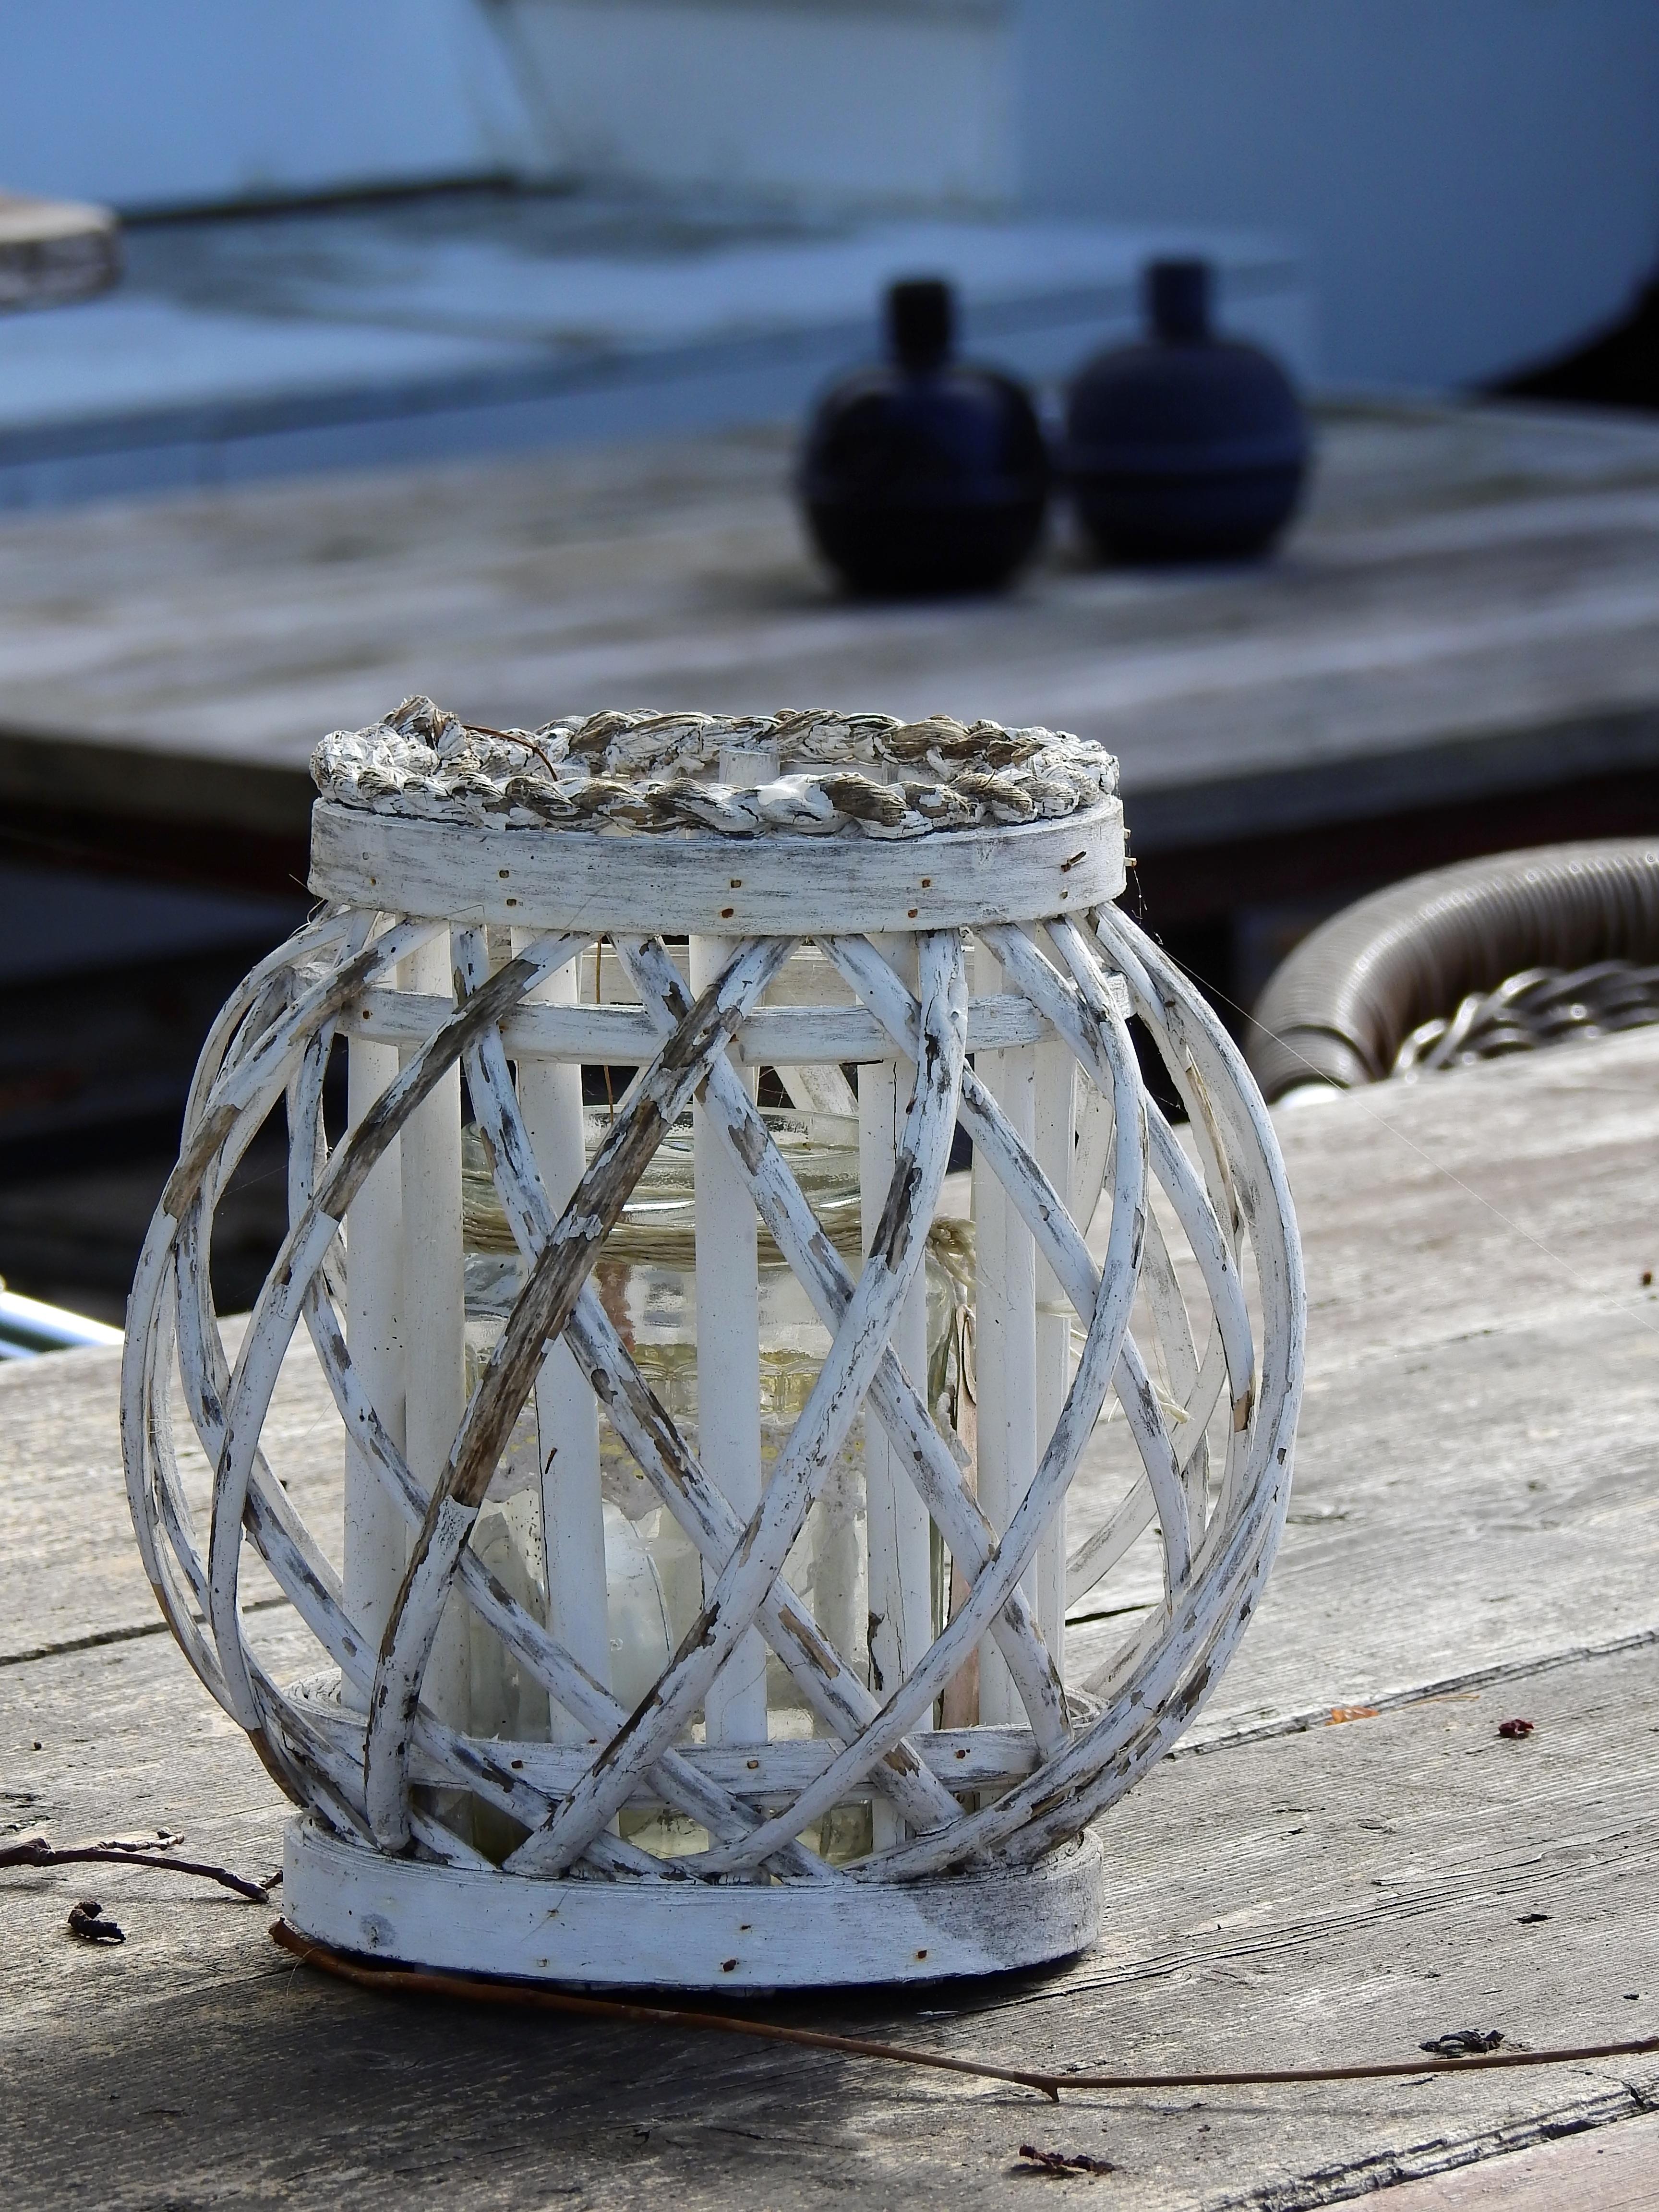 Bakgrundsbilder hjul glas vas dekoration lykta keramisk bl lampa belysning material - Glas gartendeko ...